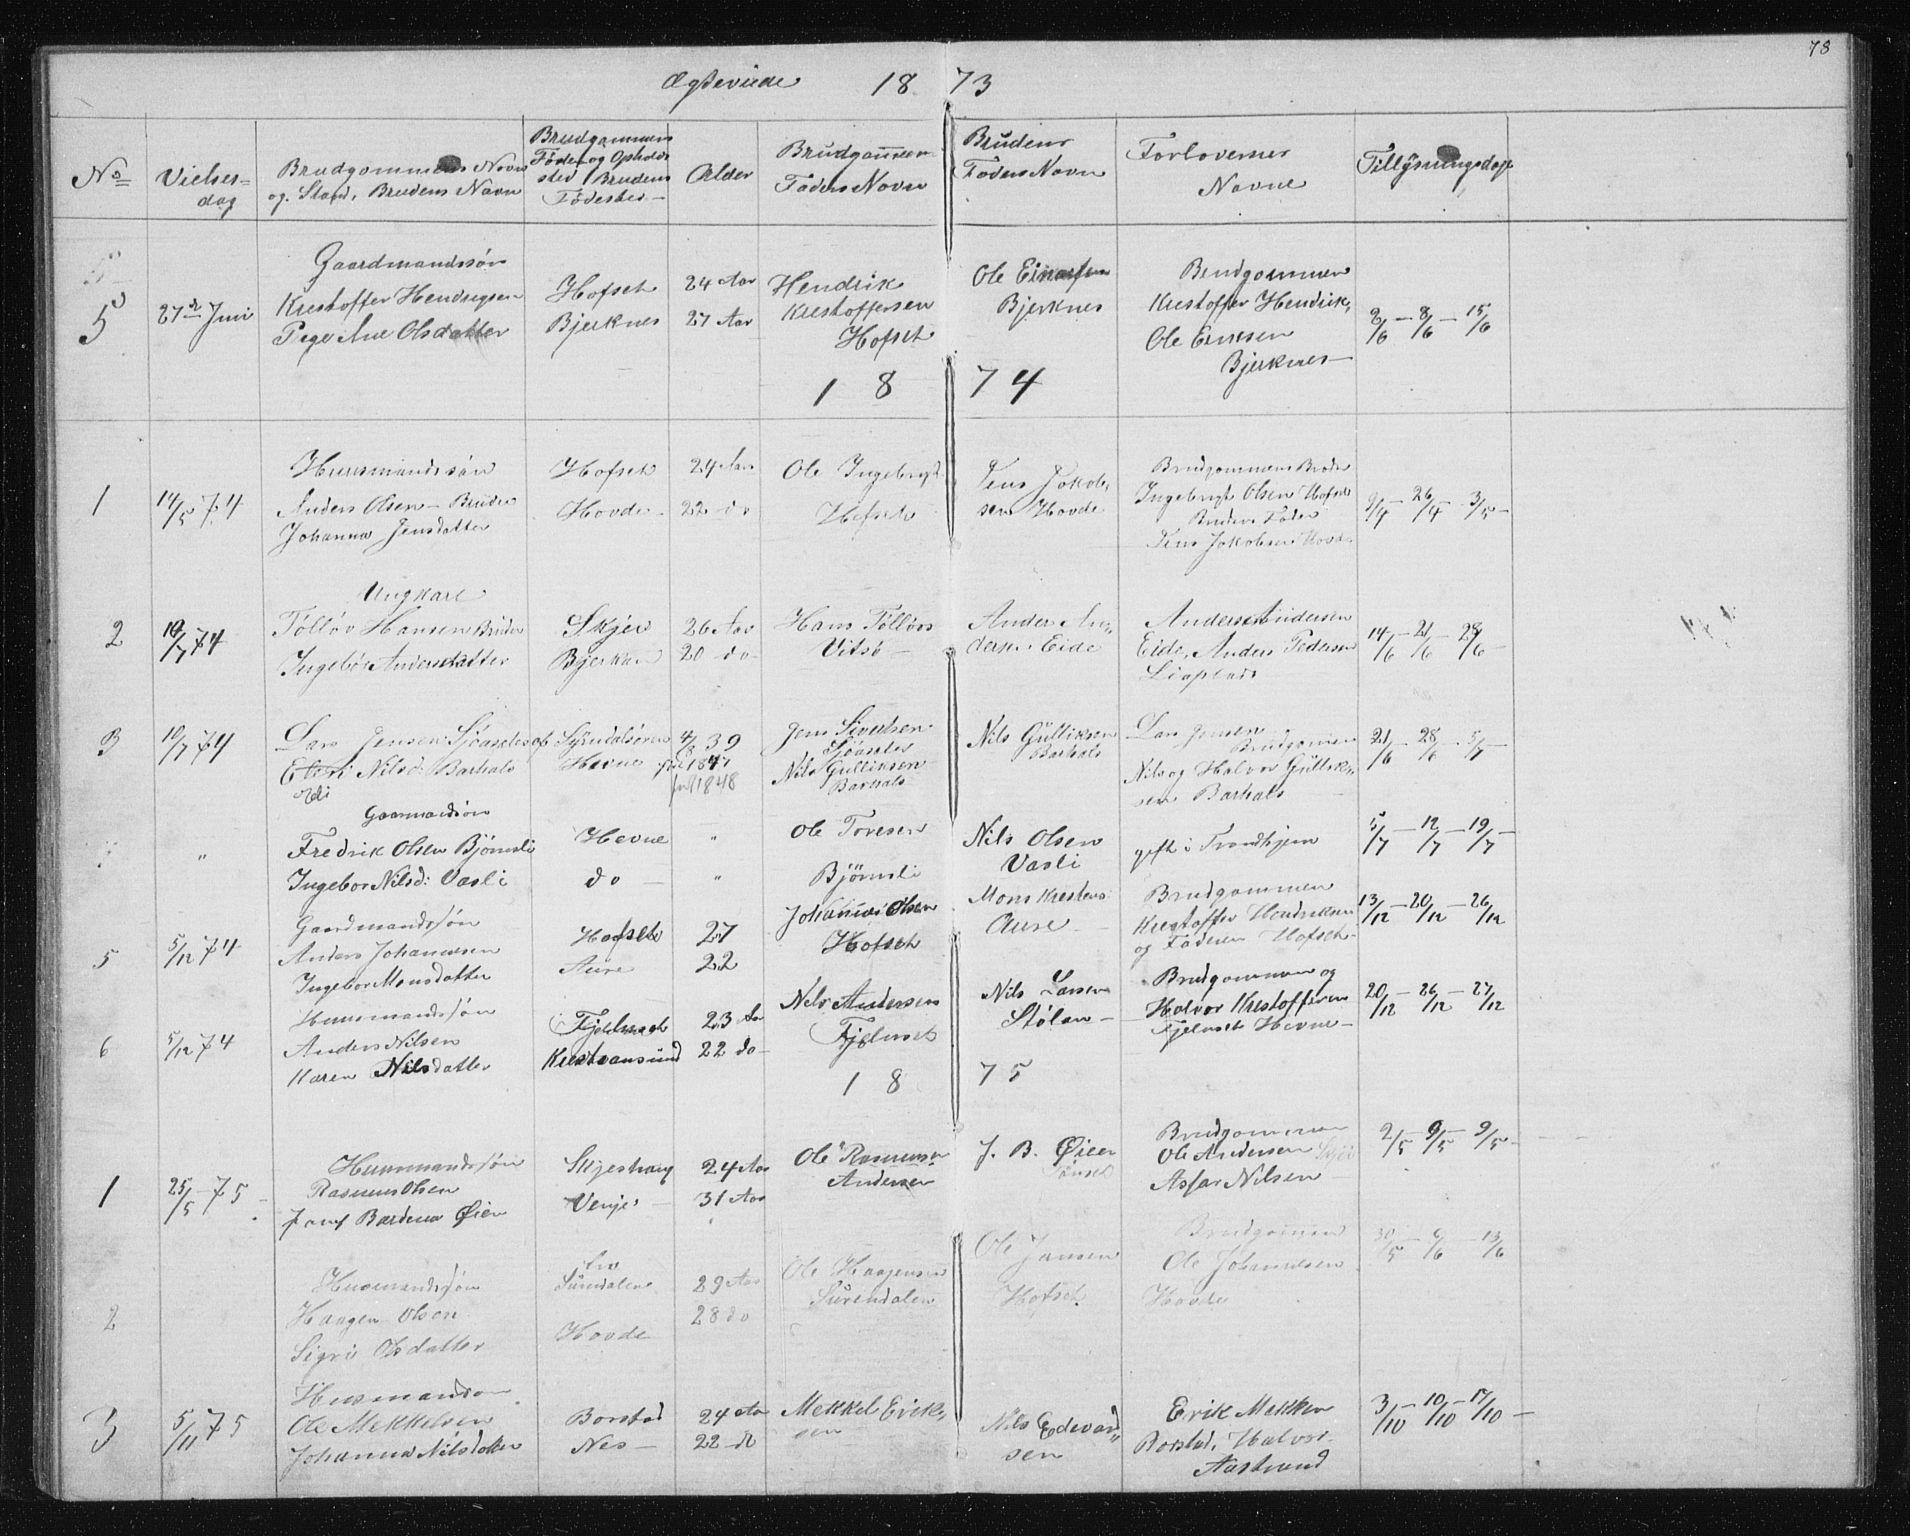 SAT, Ministerialprotokoller, klokkerbøker og fødselsregistre - Sør-Trøndelag, 631/L0513: Klokkerbok nr. 631C01, 1869-1879, s. 78